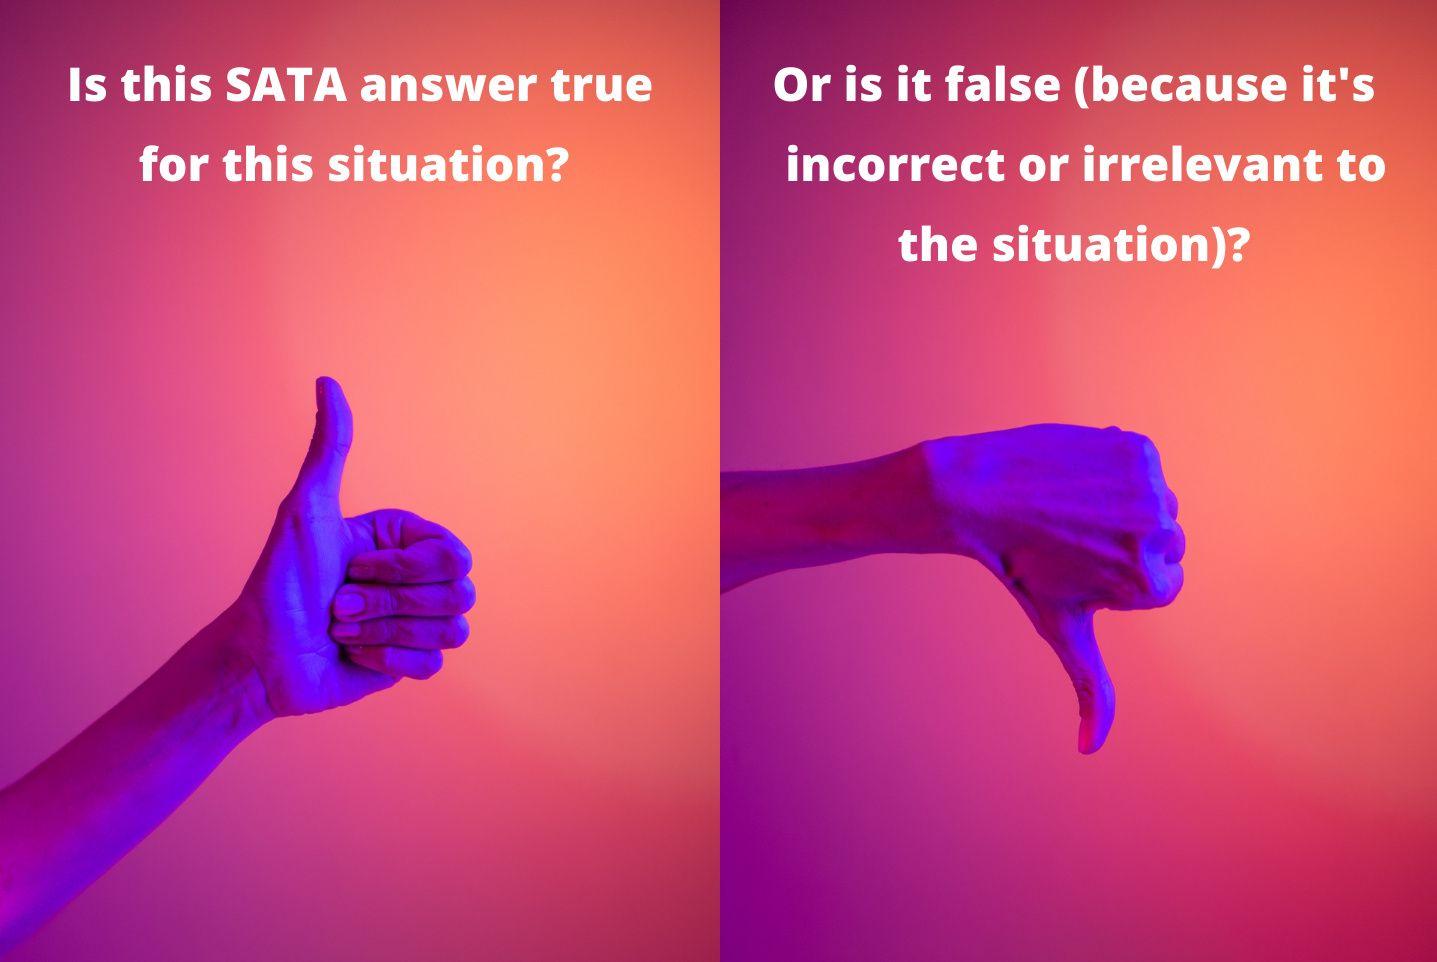 True or false filter for SATA NCLEX questions